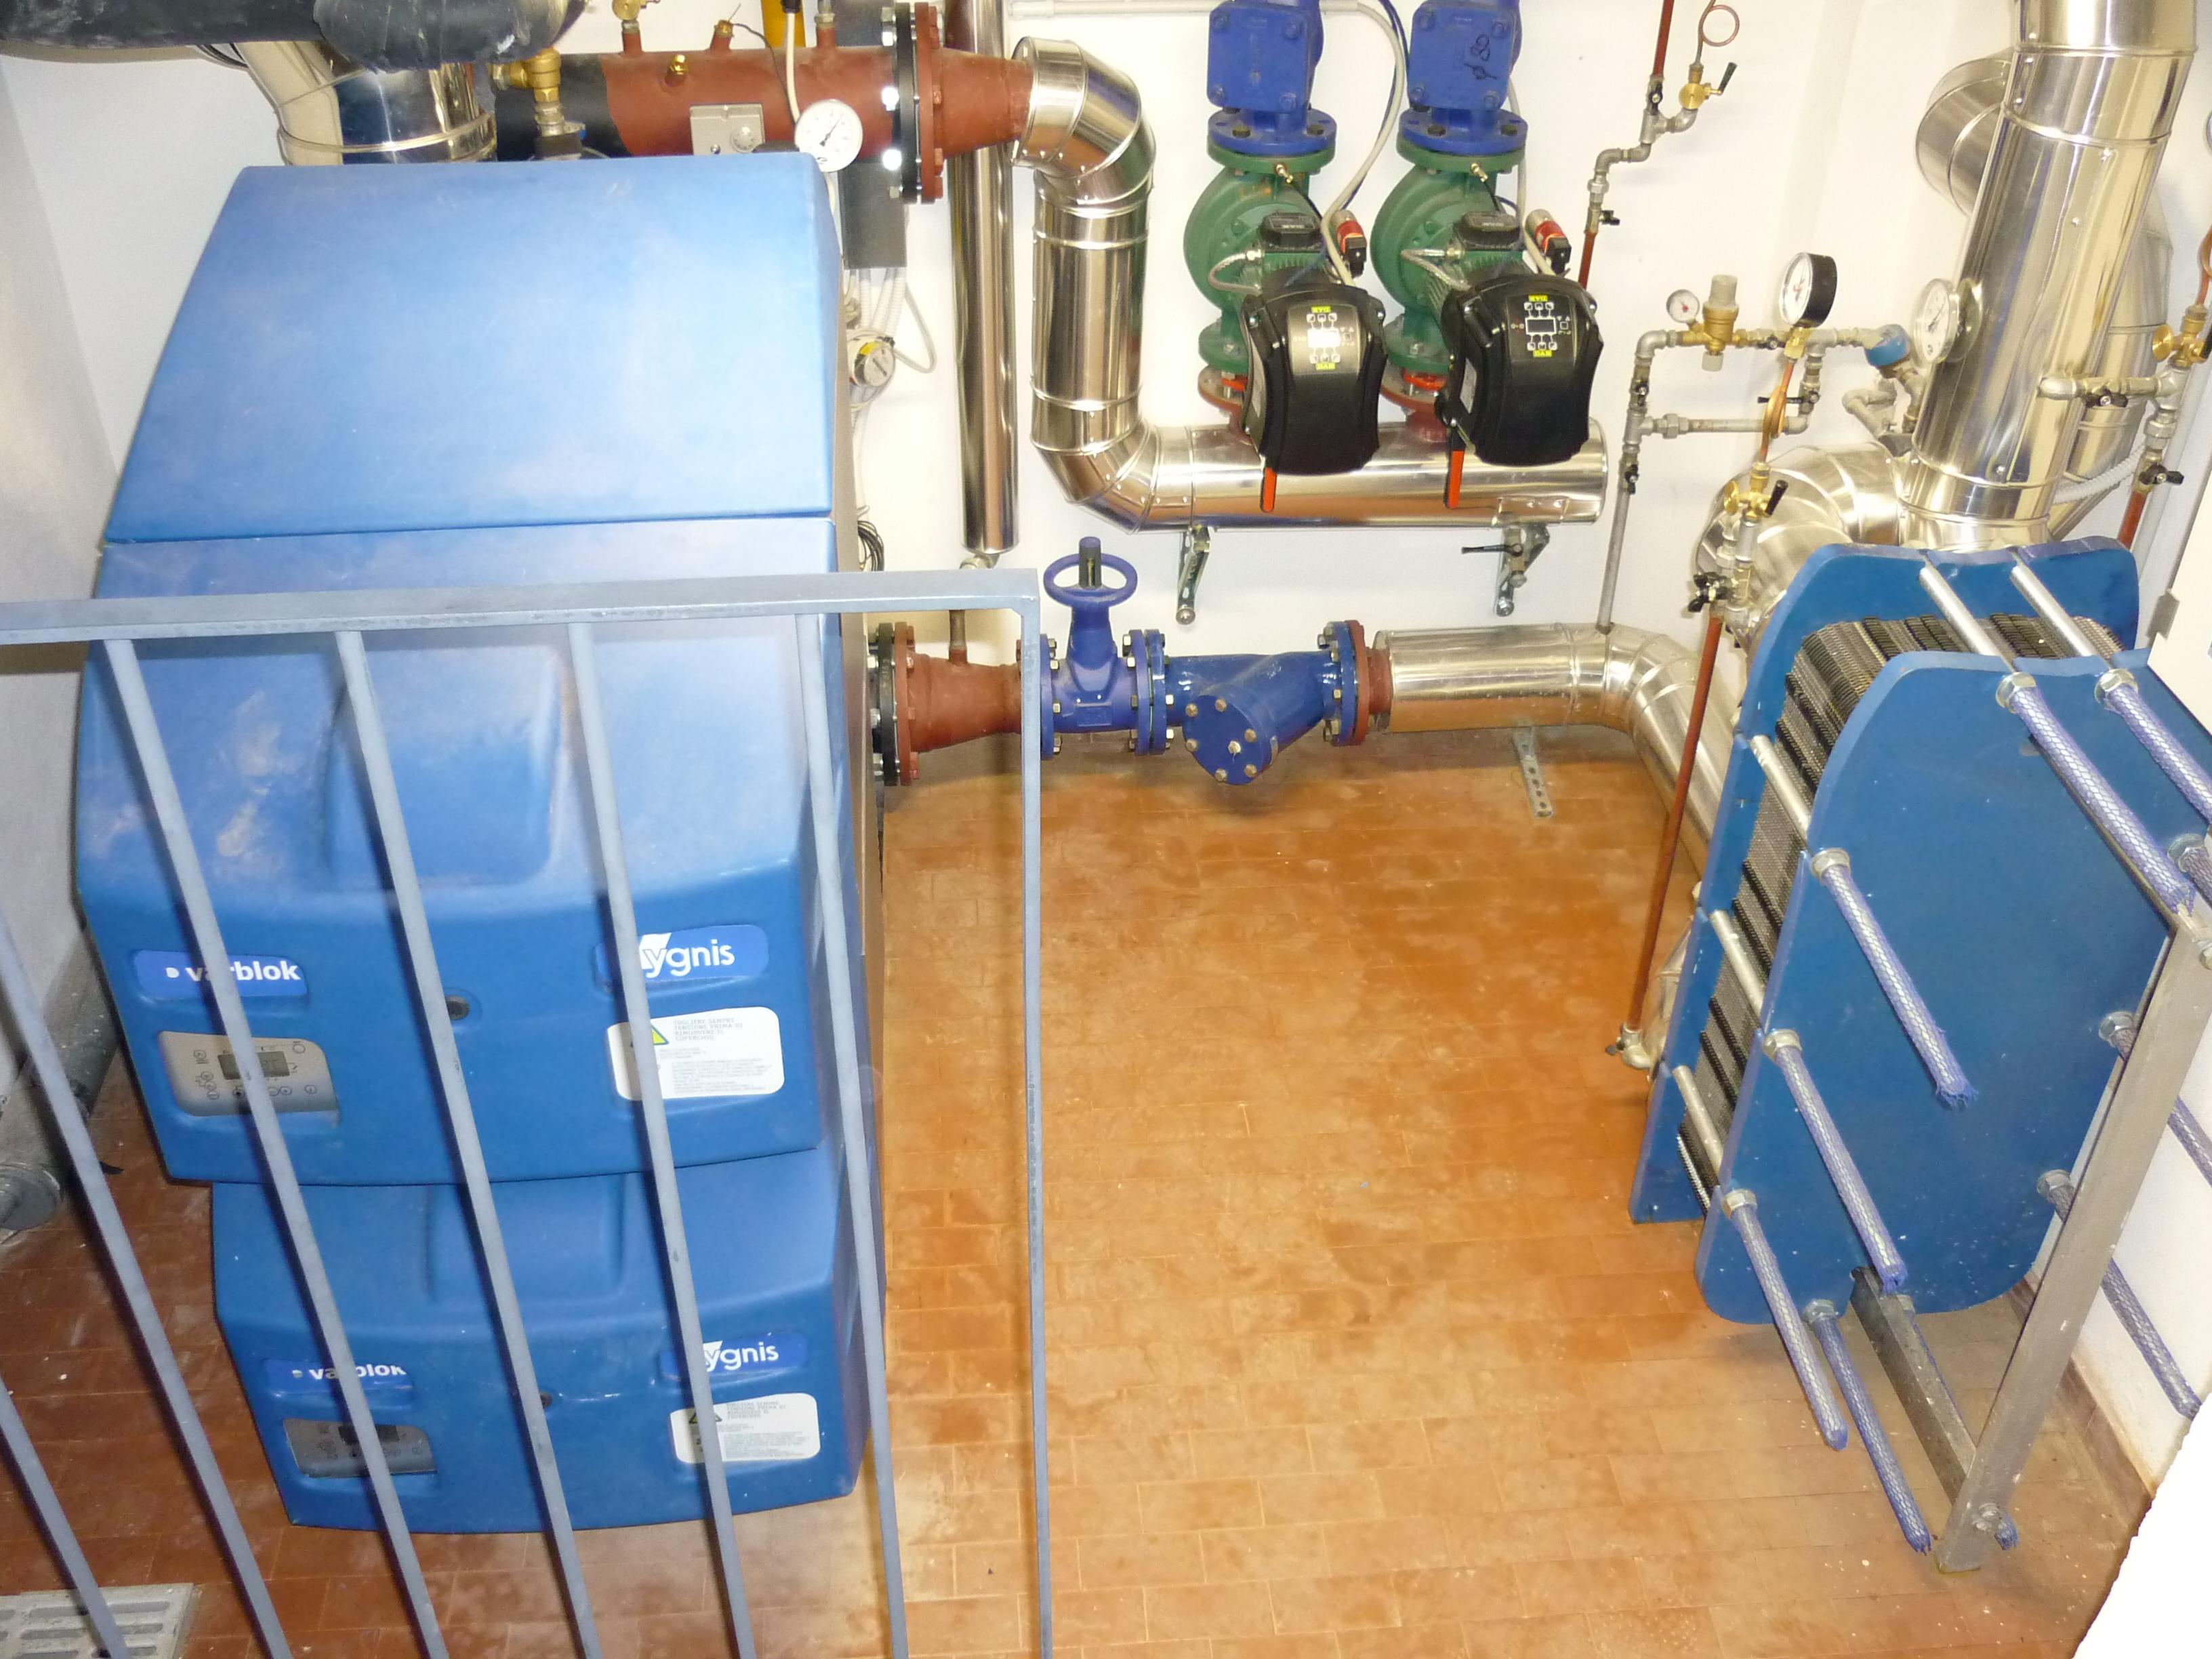 Tutti gli impianti termici sono soggetti alle ispezioni for Controllo caldaia obbligatorio 2016